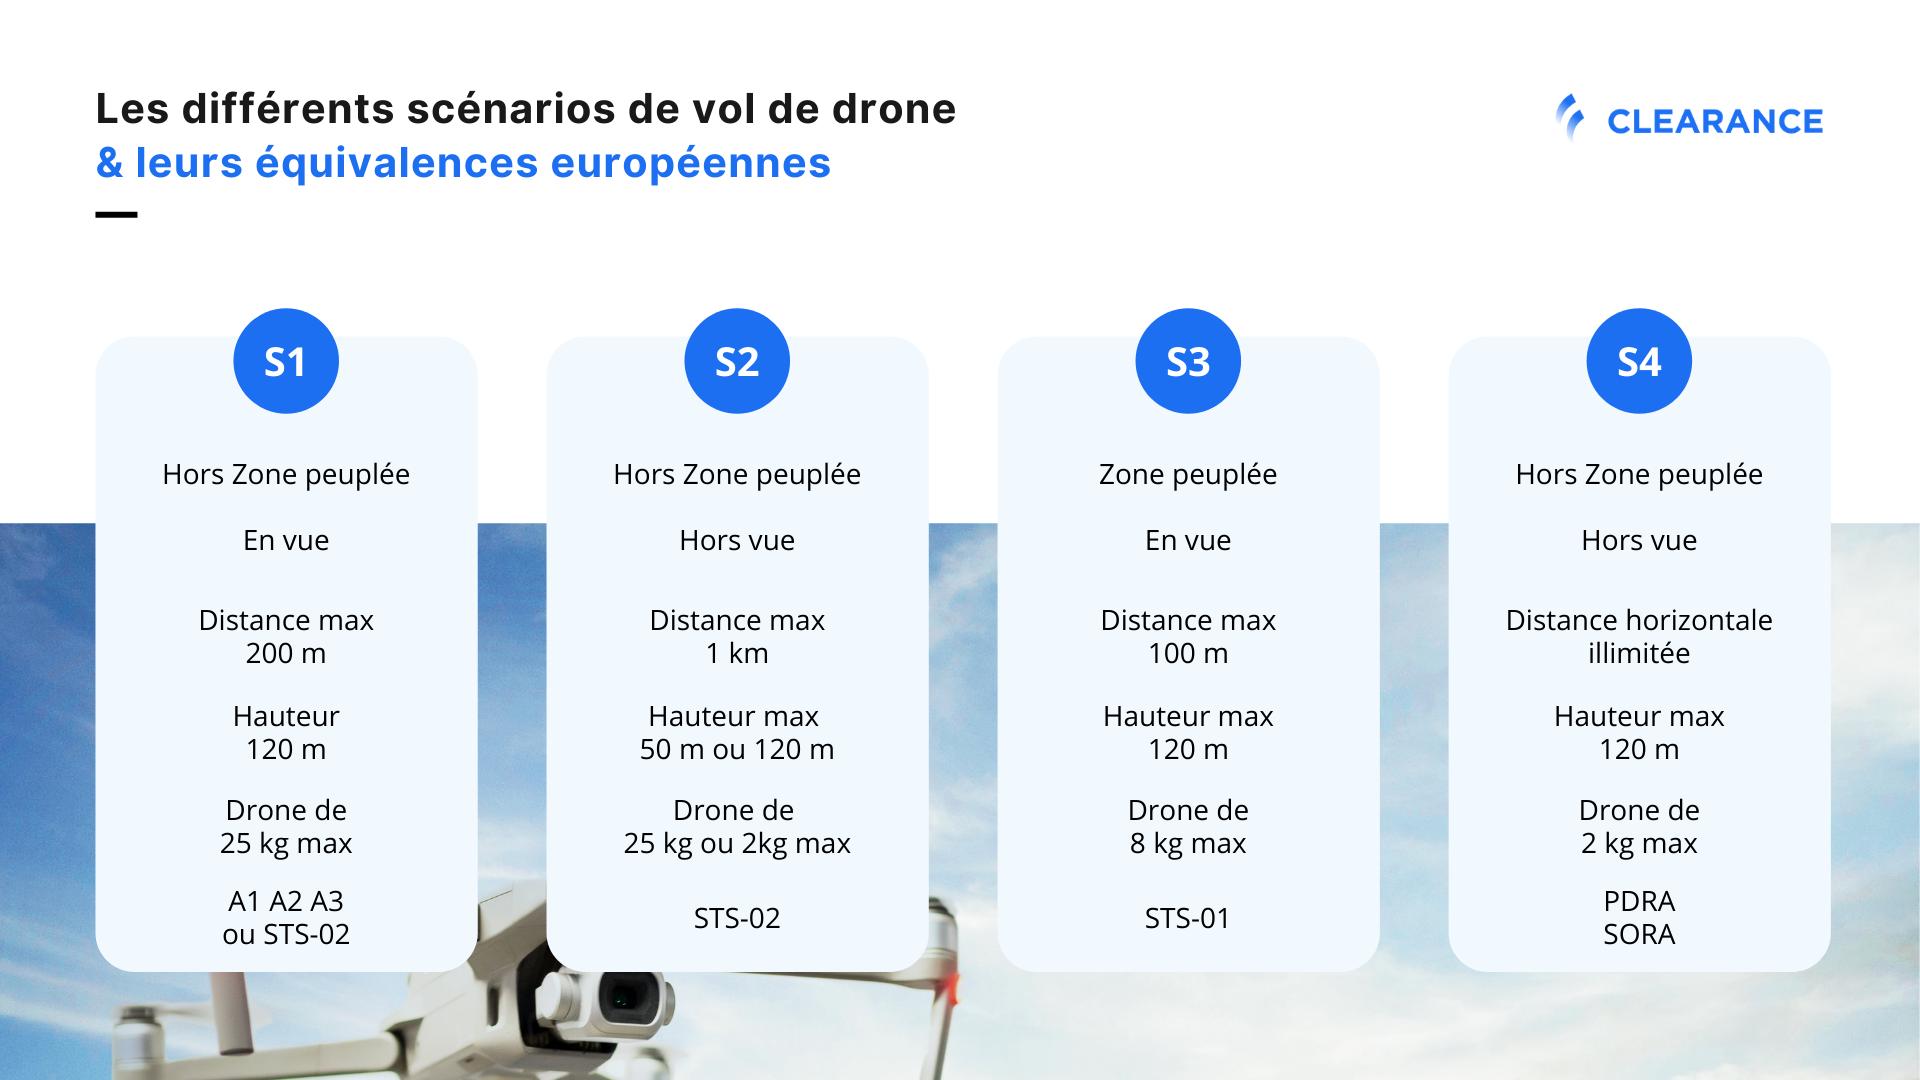 Les scénarios nationaux de vol de drone - Clearance